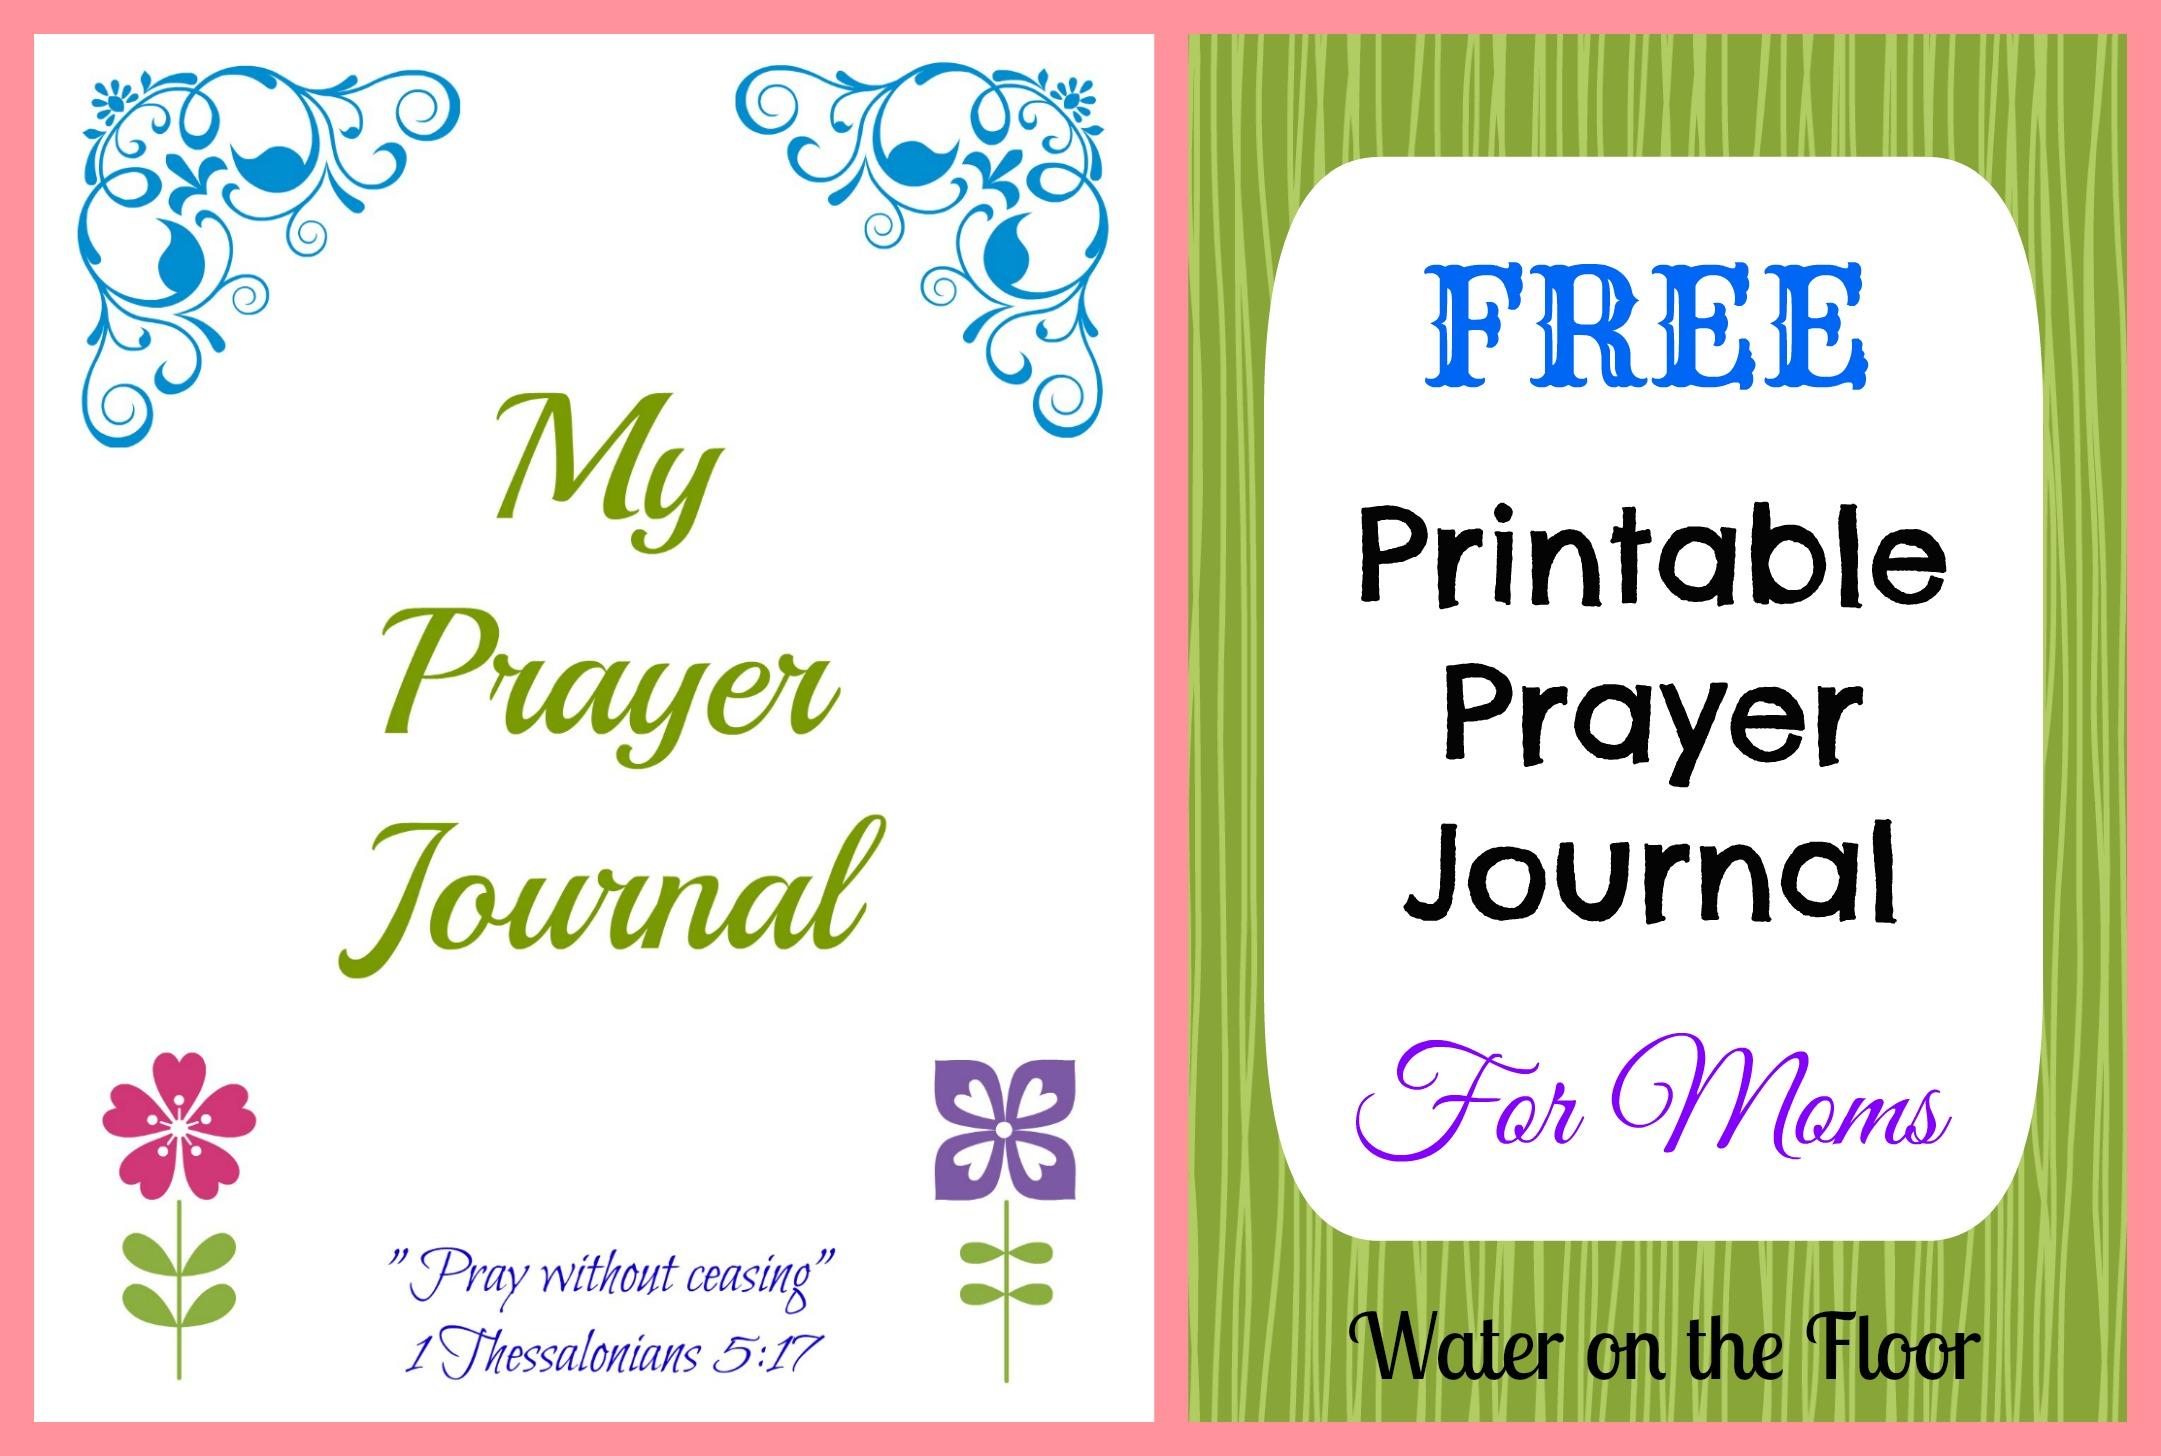 Rare image pertaining to free printable prayer journal template